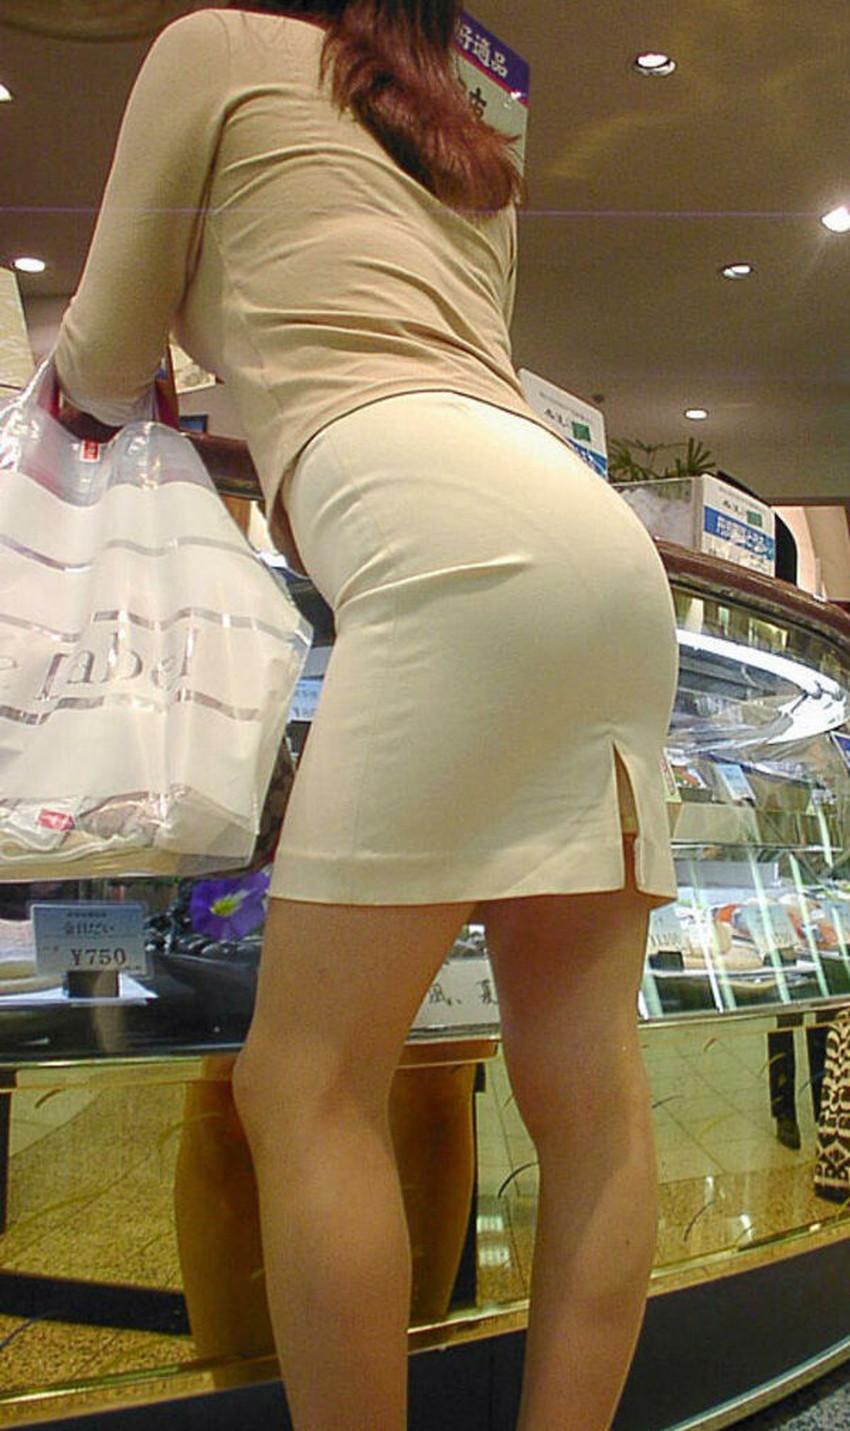 【パンツの線エロ画像】パンティーラインがくっきり見えるズボンやスカートを履いた素人女子を尾行盗撮してるパンツの線のエロ画像集!w【80枚】 29